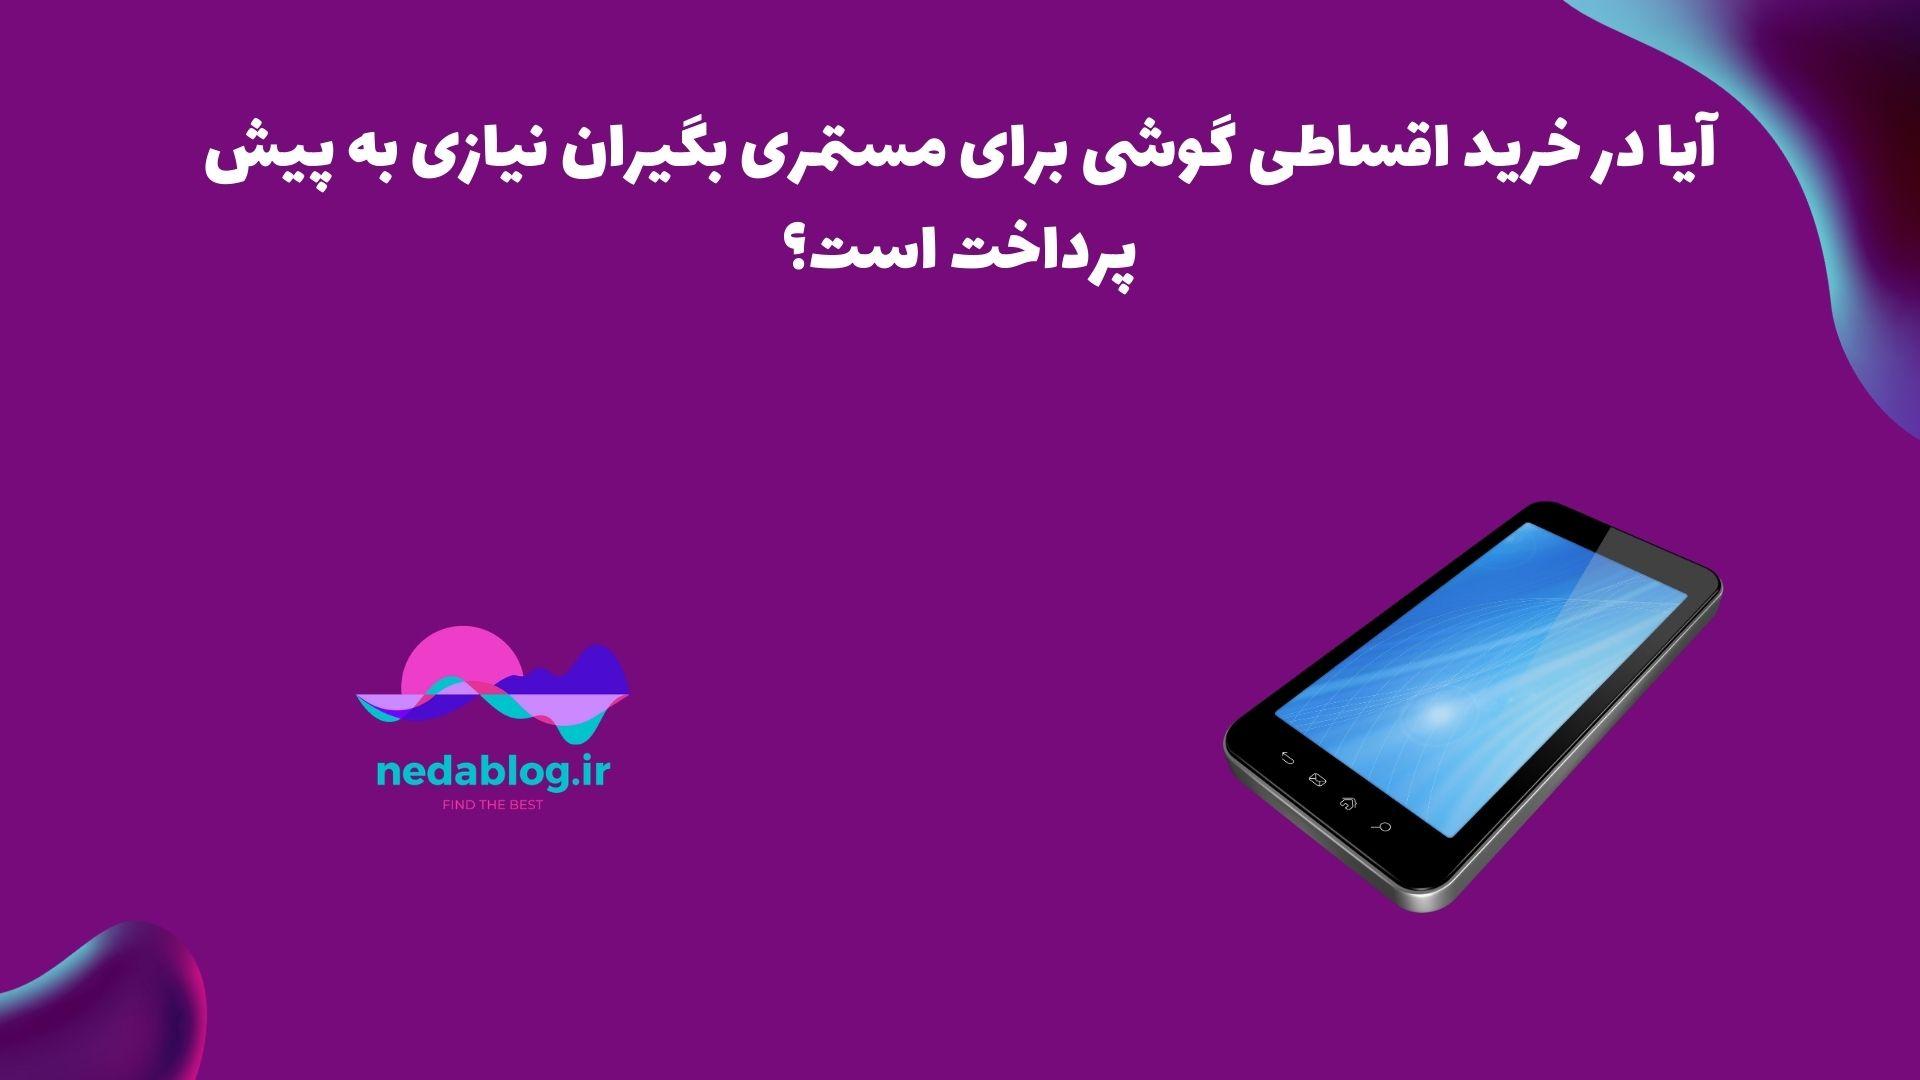 آیا در خرید اقساطی گوشی برای مستمری بگیران نیازی به پیش پرداخت است؟